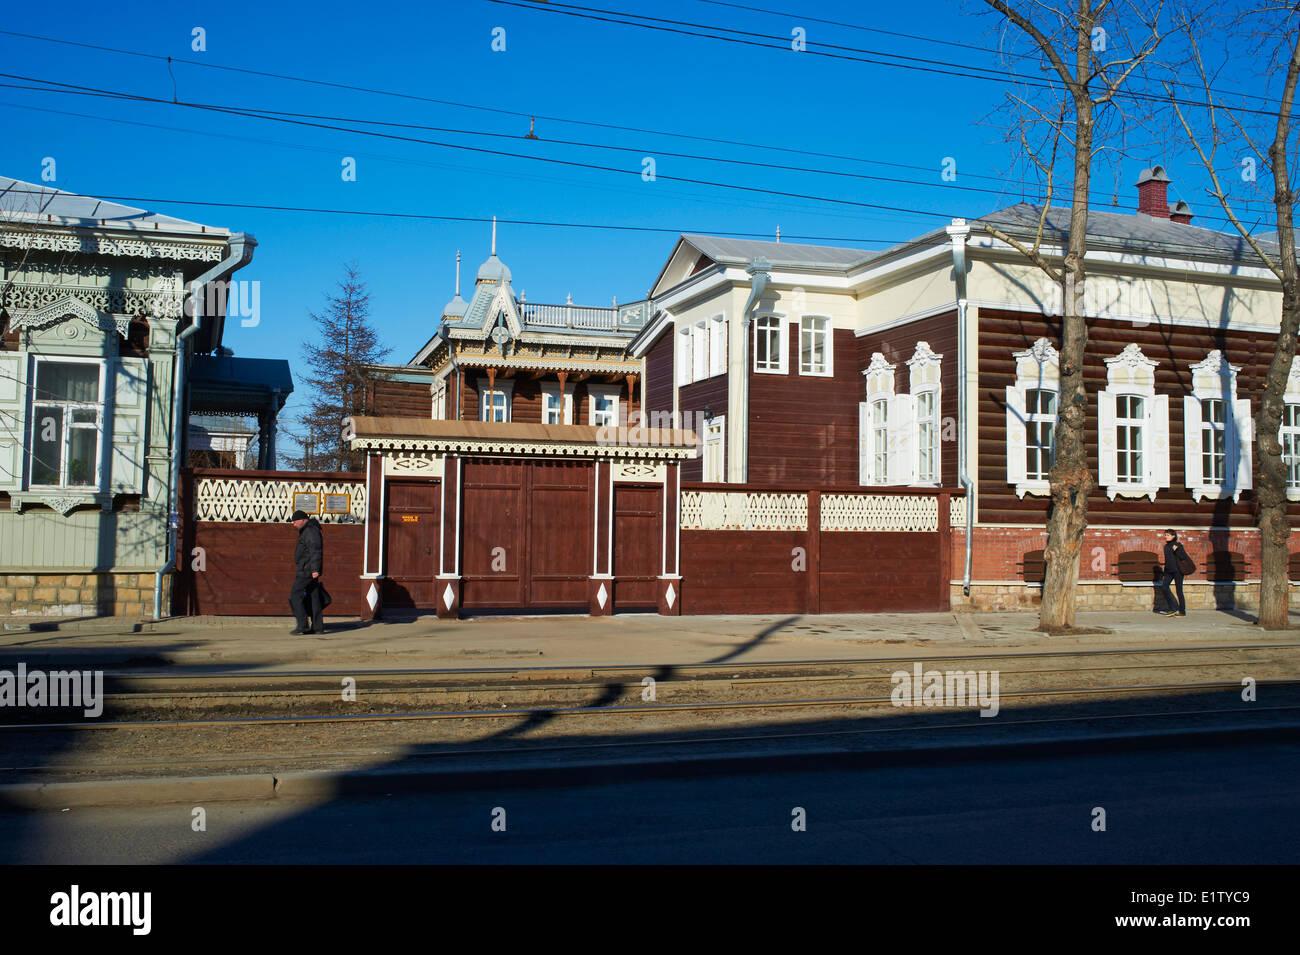 La Russia, Siberia, Irkutsk, architettura in legno, la casa di Europa Immagini Stock